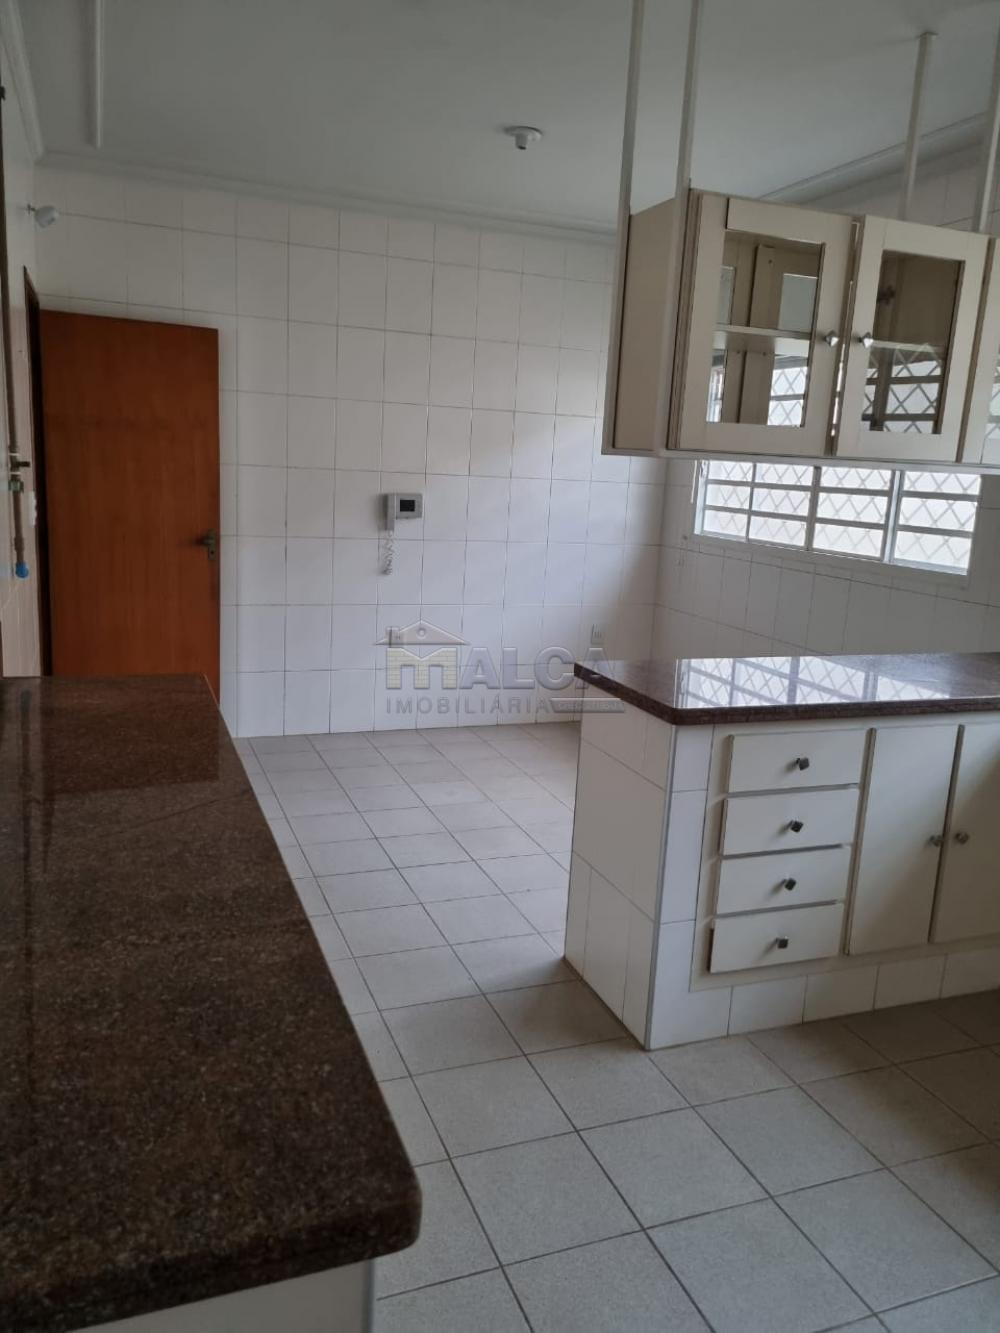 Alugar Casas / Padrão em São José do Rio Pardo R$ 2.950,00 - Foto 27